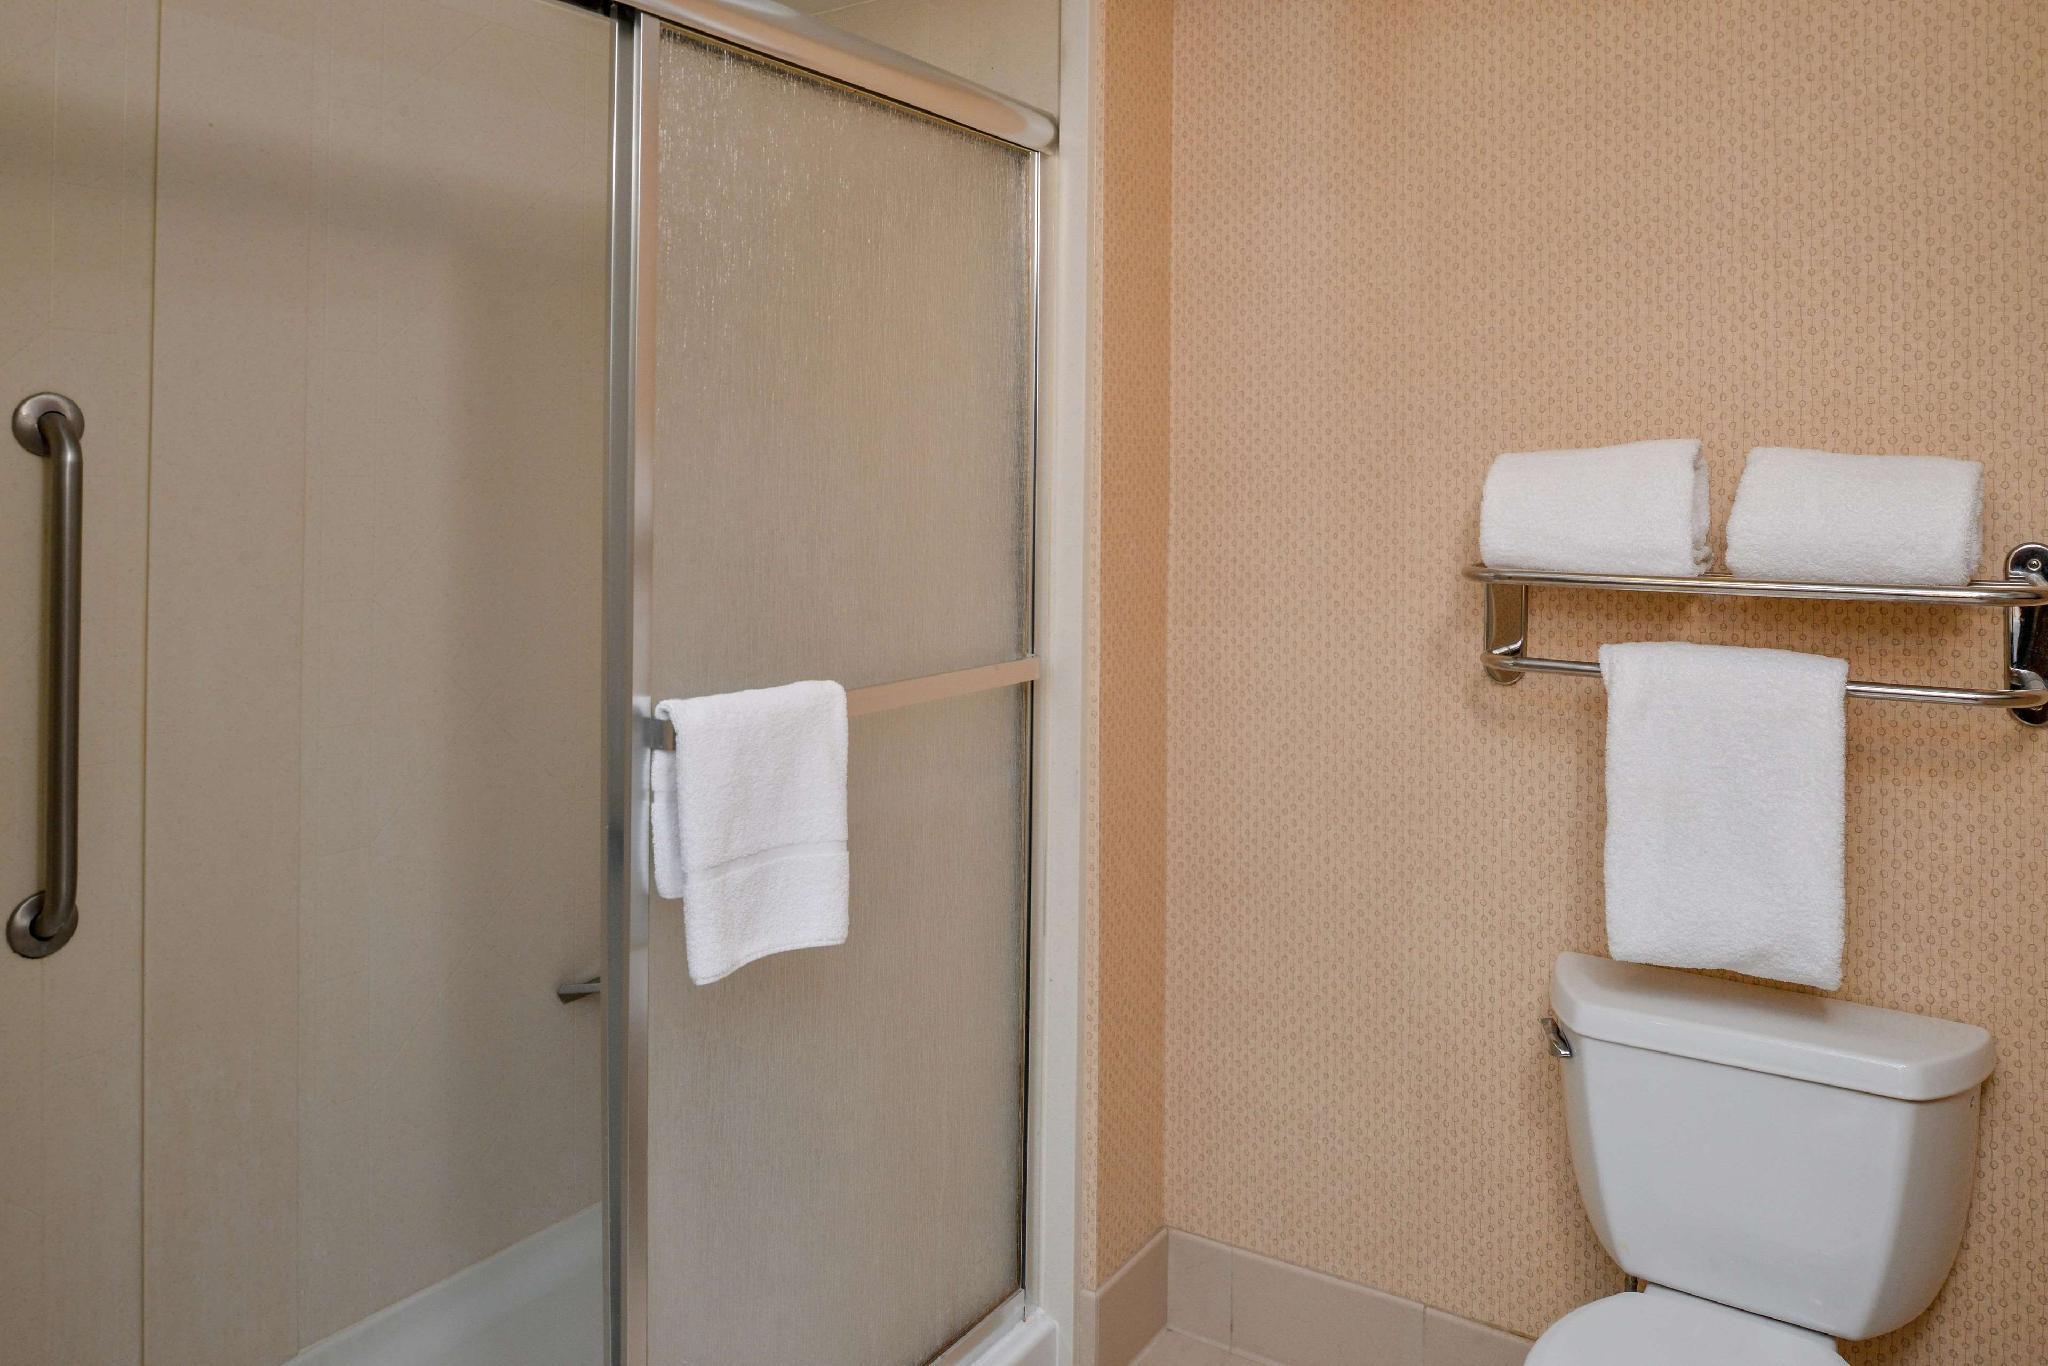 Premium 1 King Bed 1 Bedroom Suite Non-Smoking